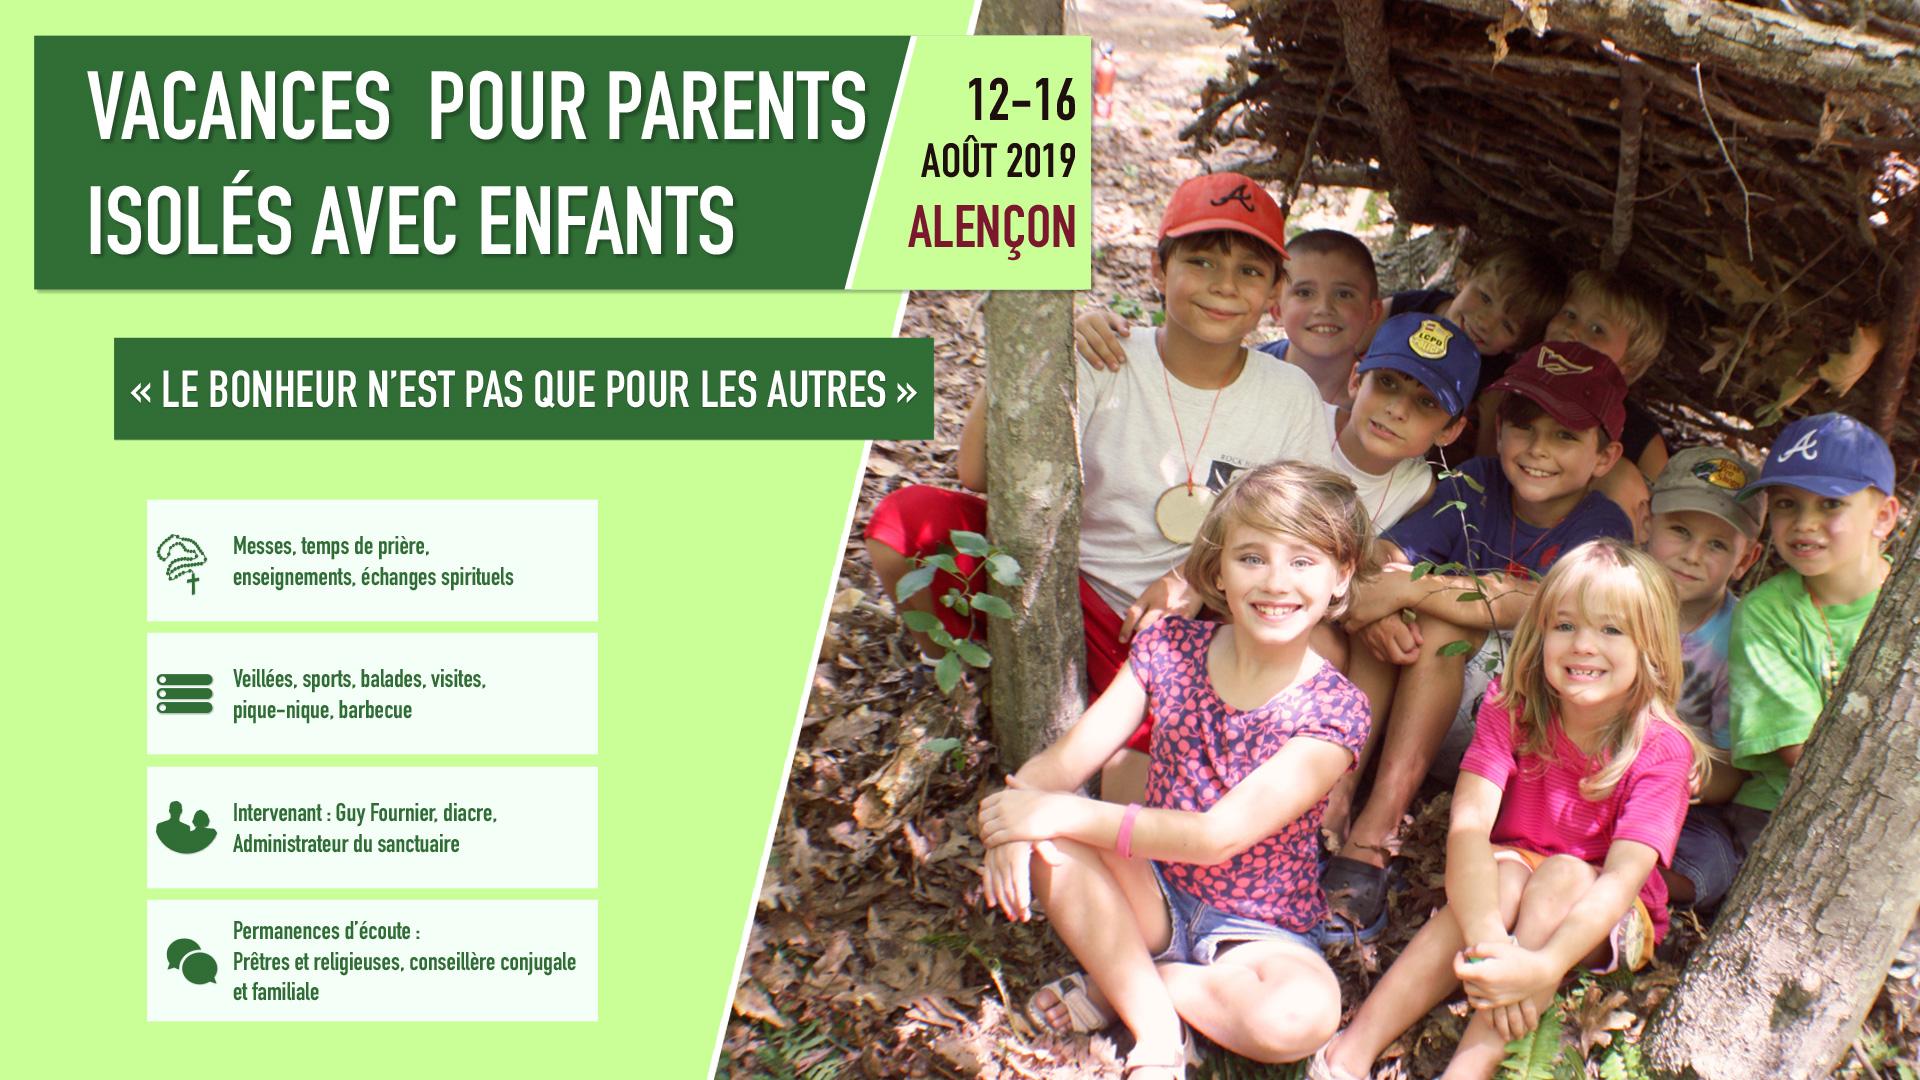 Vacances pour parents isolés avec enfants du 12 au 16 août 2019 à Alençon (61)